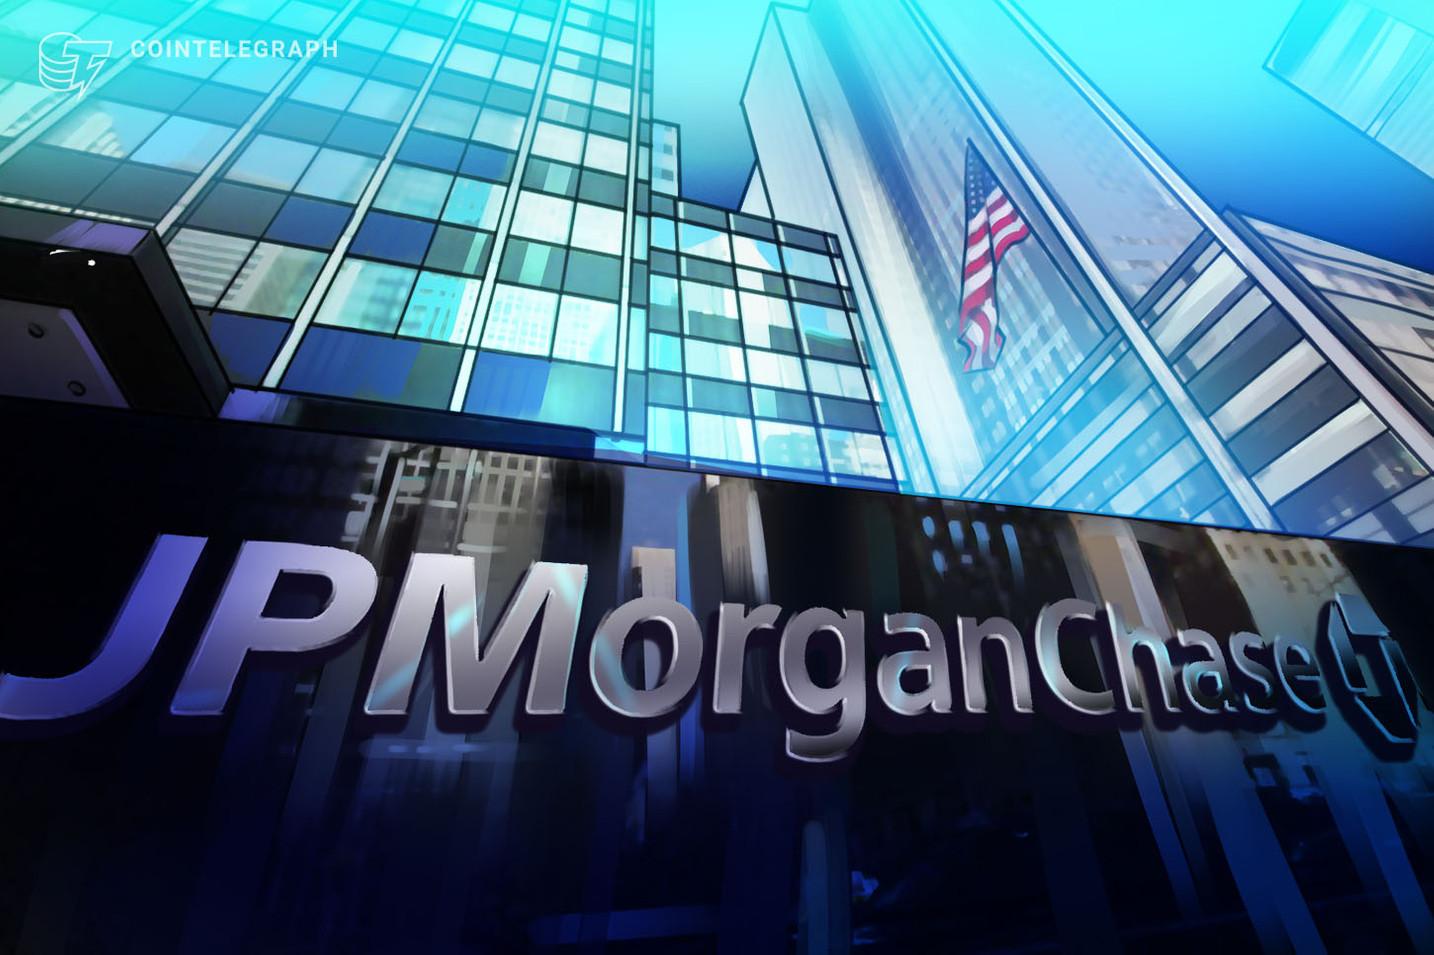 JPMorgan megabank ของสหรัฐฯ ว่าจ้างผู้มีความสามารถด้านบล็อกเชนเพิ่มขึ้น